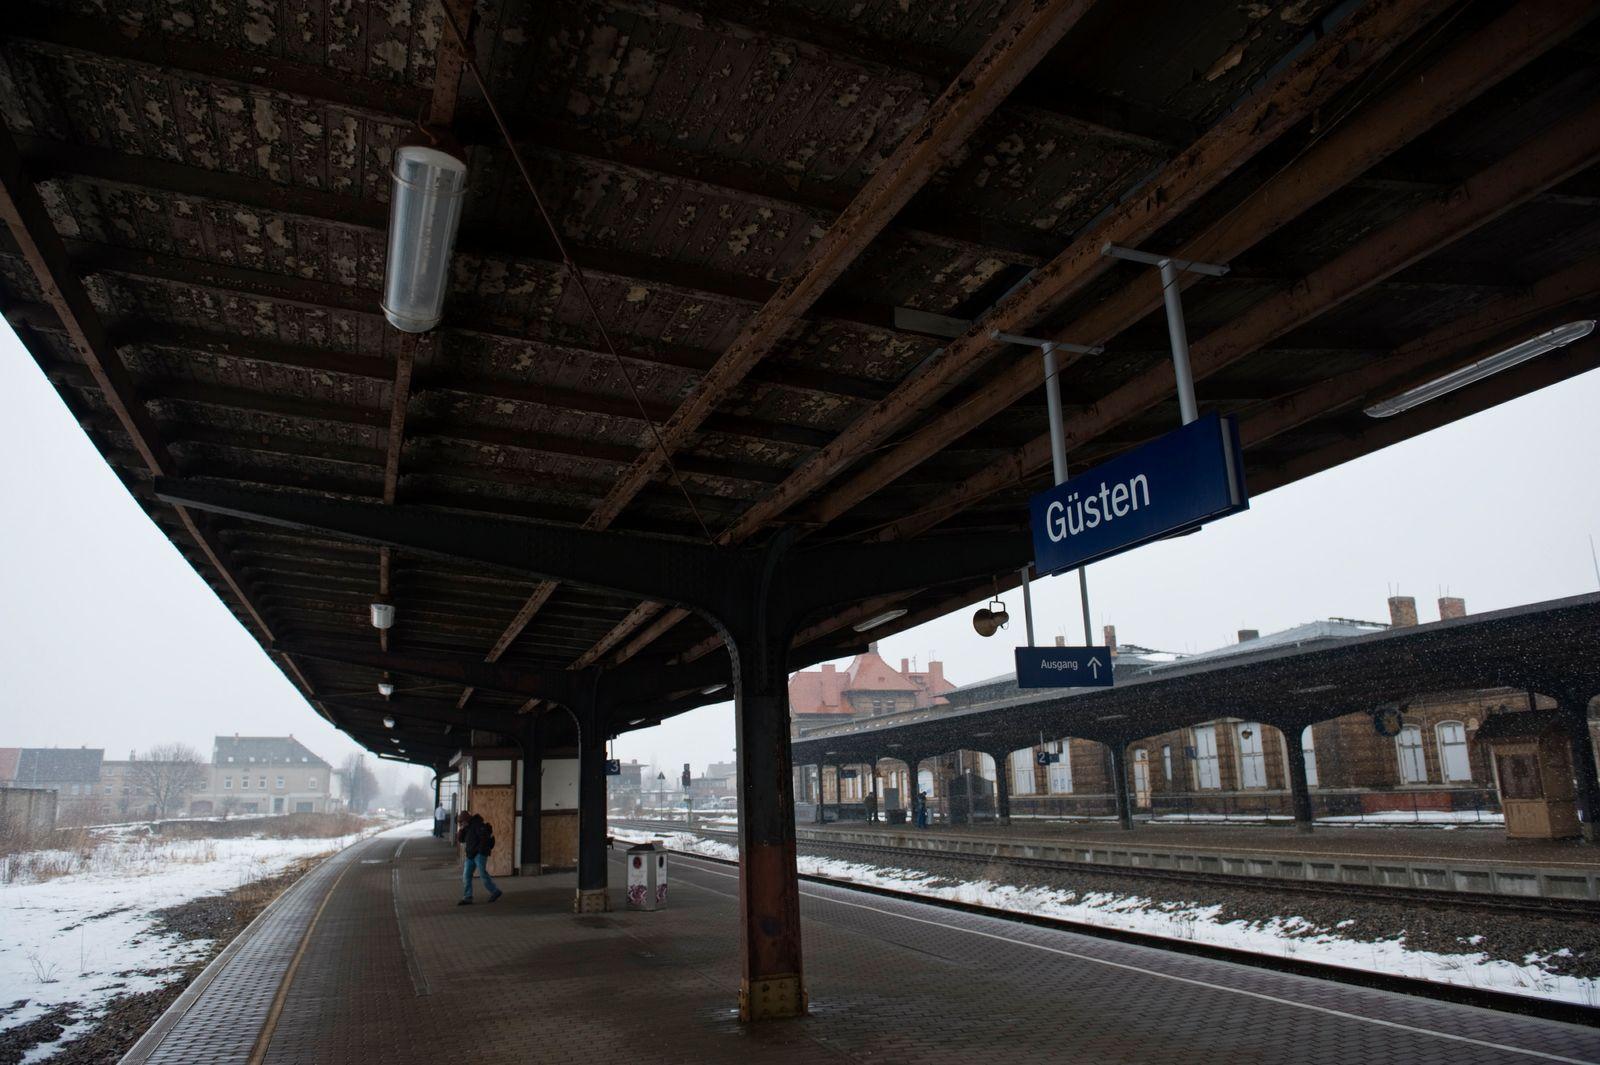 NICHT VERWENDEN Bahnhof Guesten / Reginalbahnhof